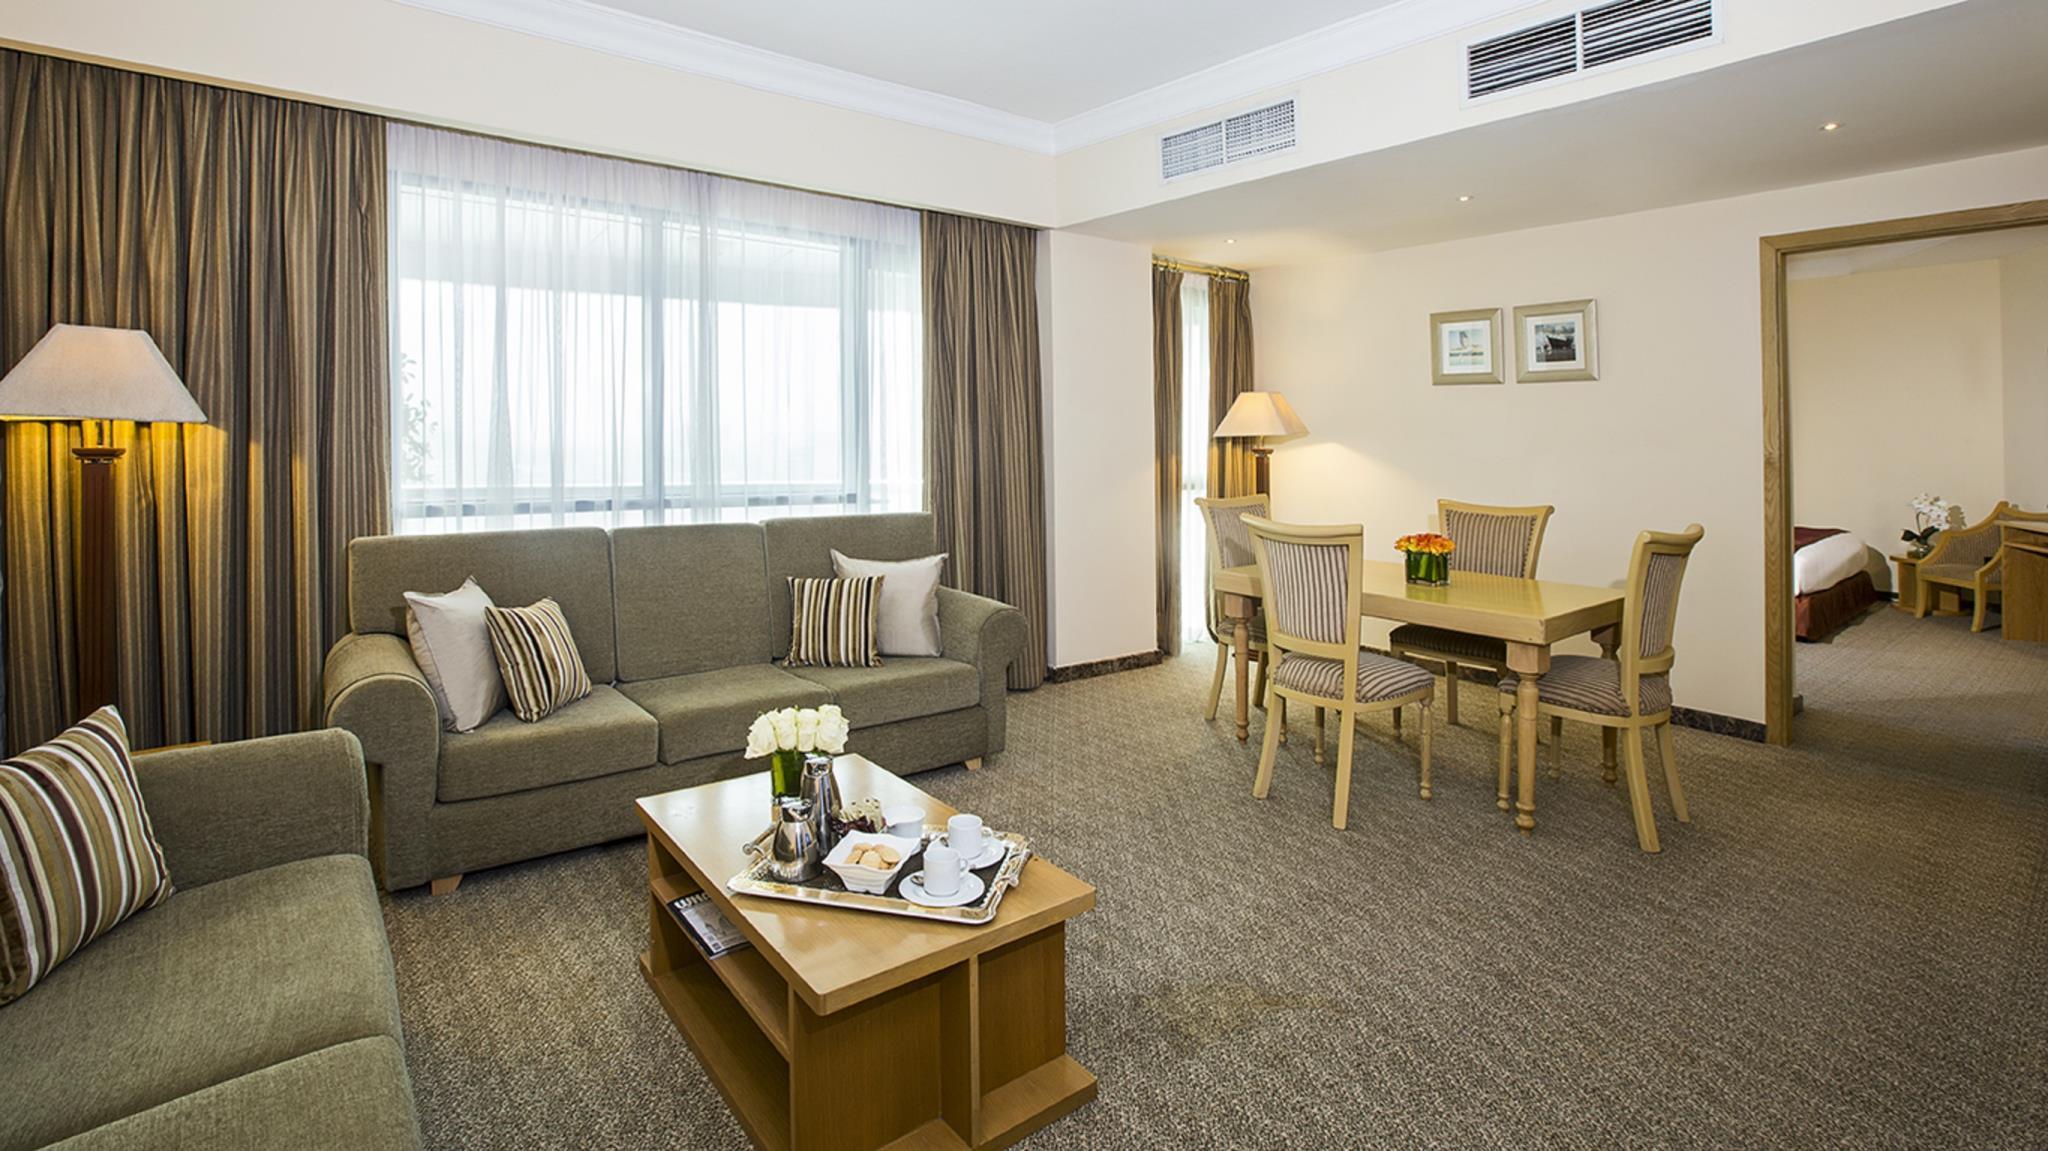 City seasons hotel dubai 4 оаэ дубай ипотека в греции процентная ставка